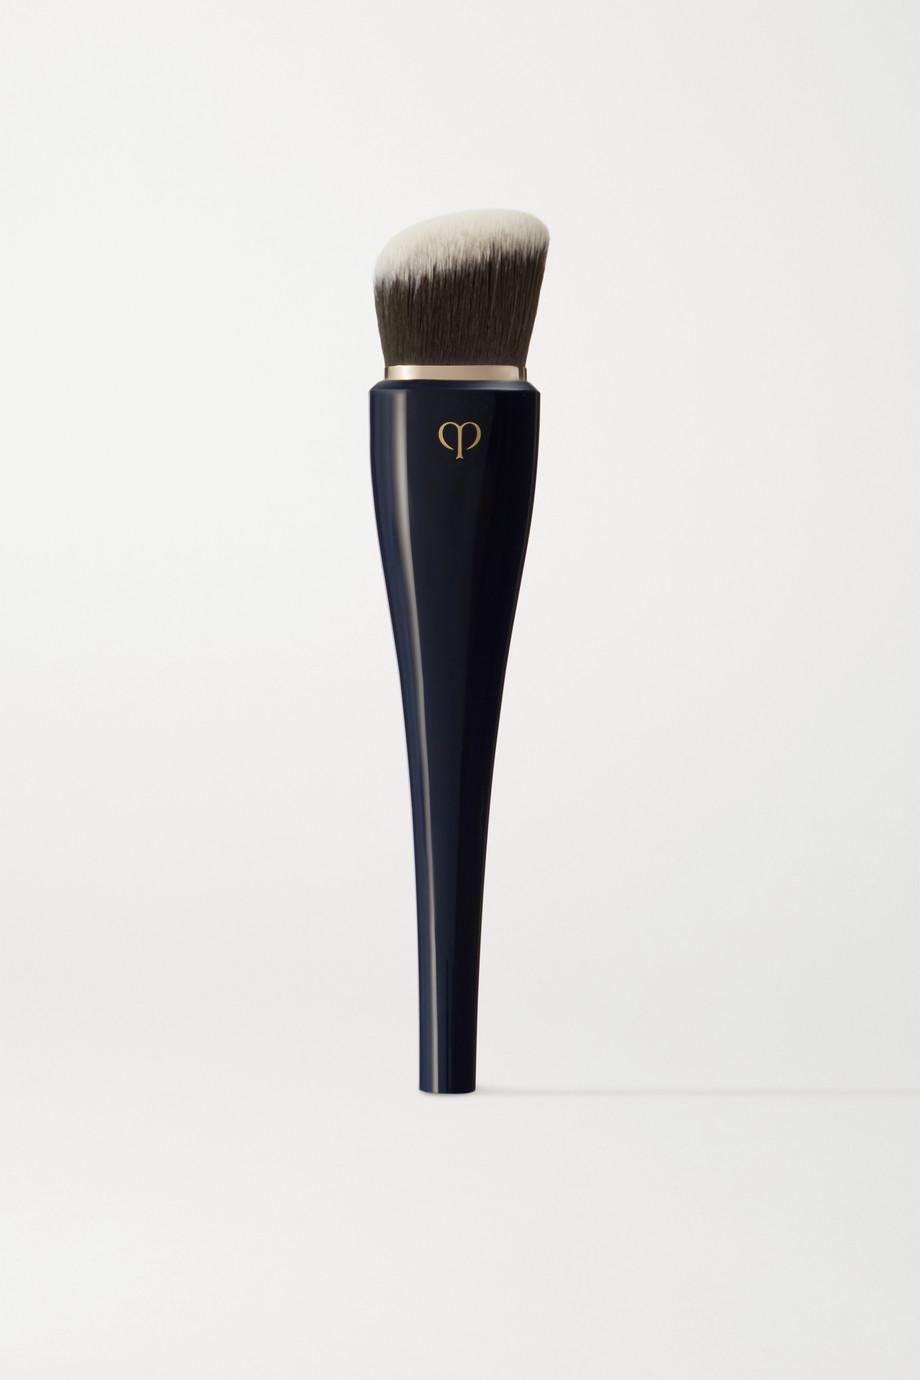 Clé de Peau Beauté High Coverage Foundation Brush